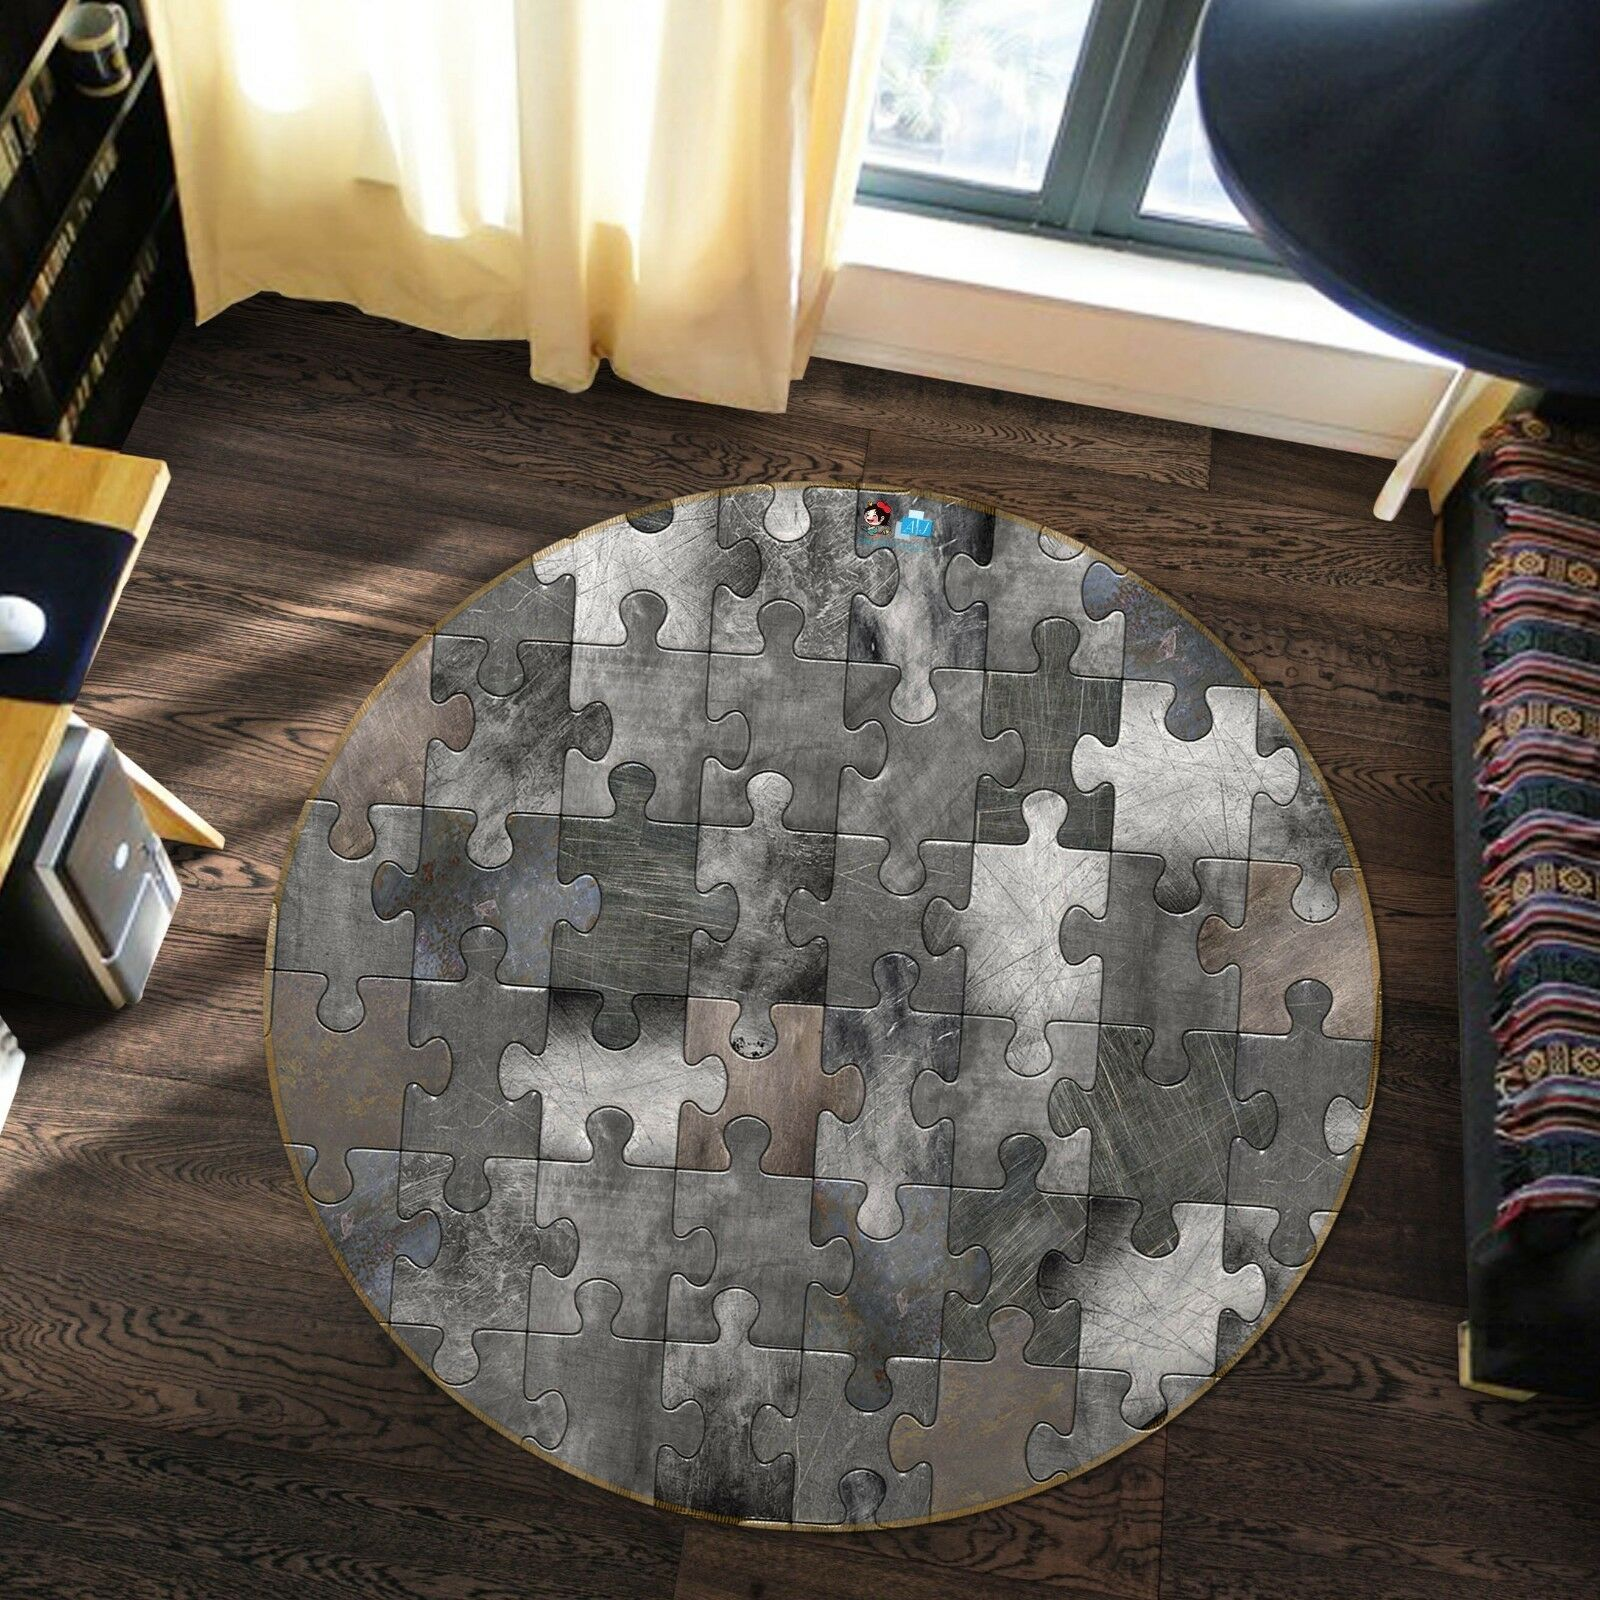 3D Puzzle Grigio Retrò 1 tappetino antiscivolo tappeto camera tappetino tappeto rossoondo elegante foto Regno Unito